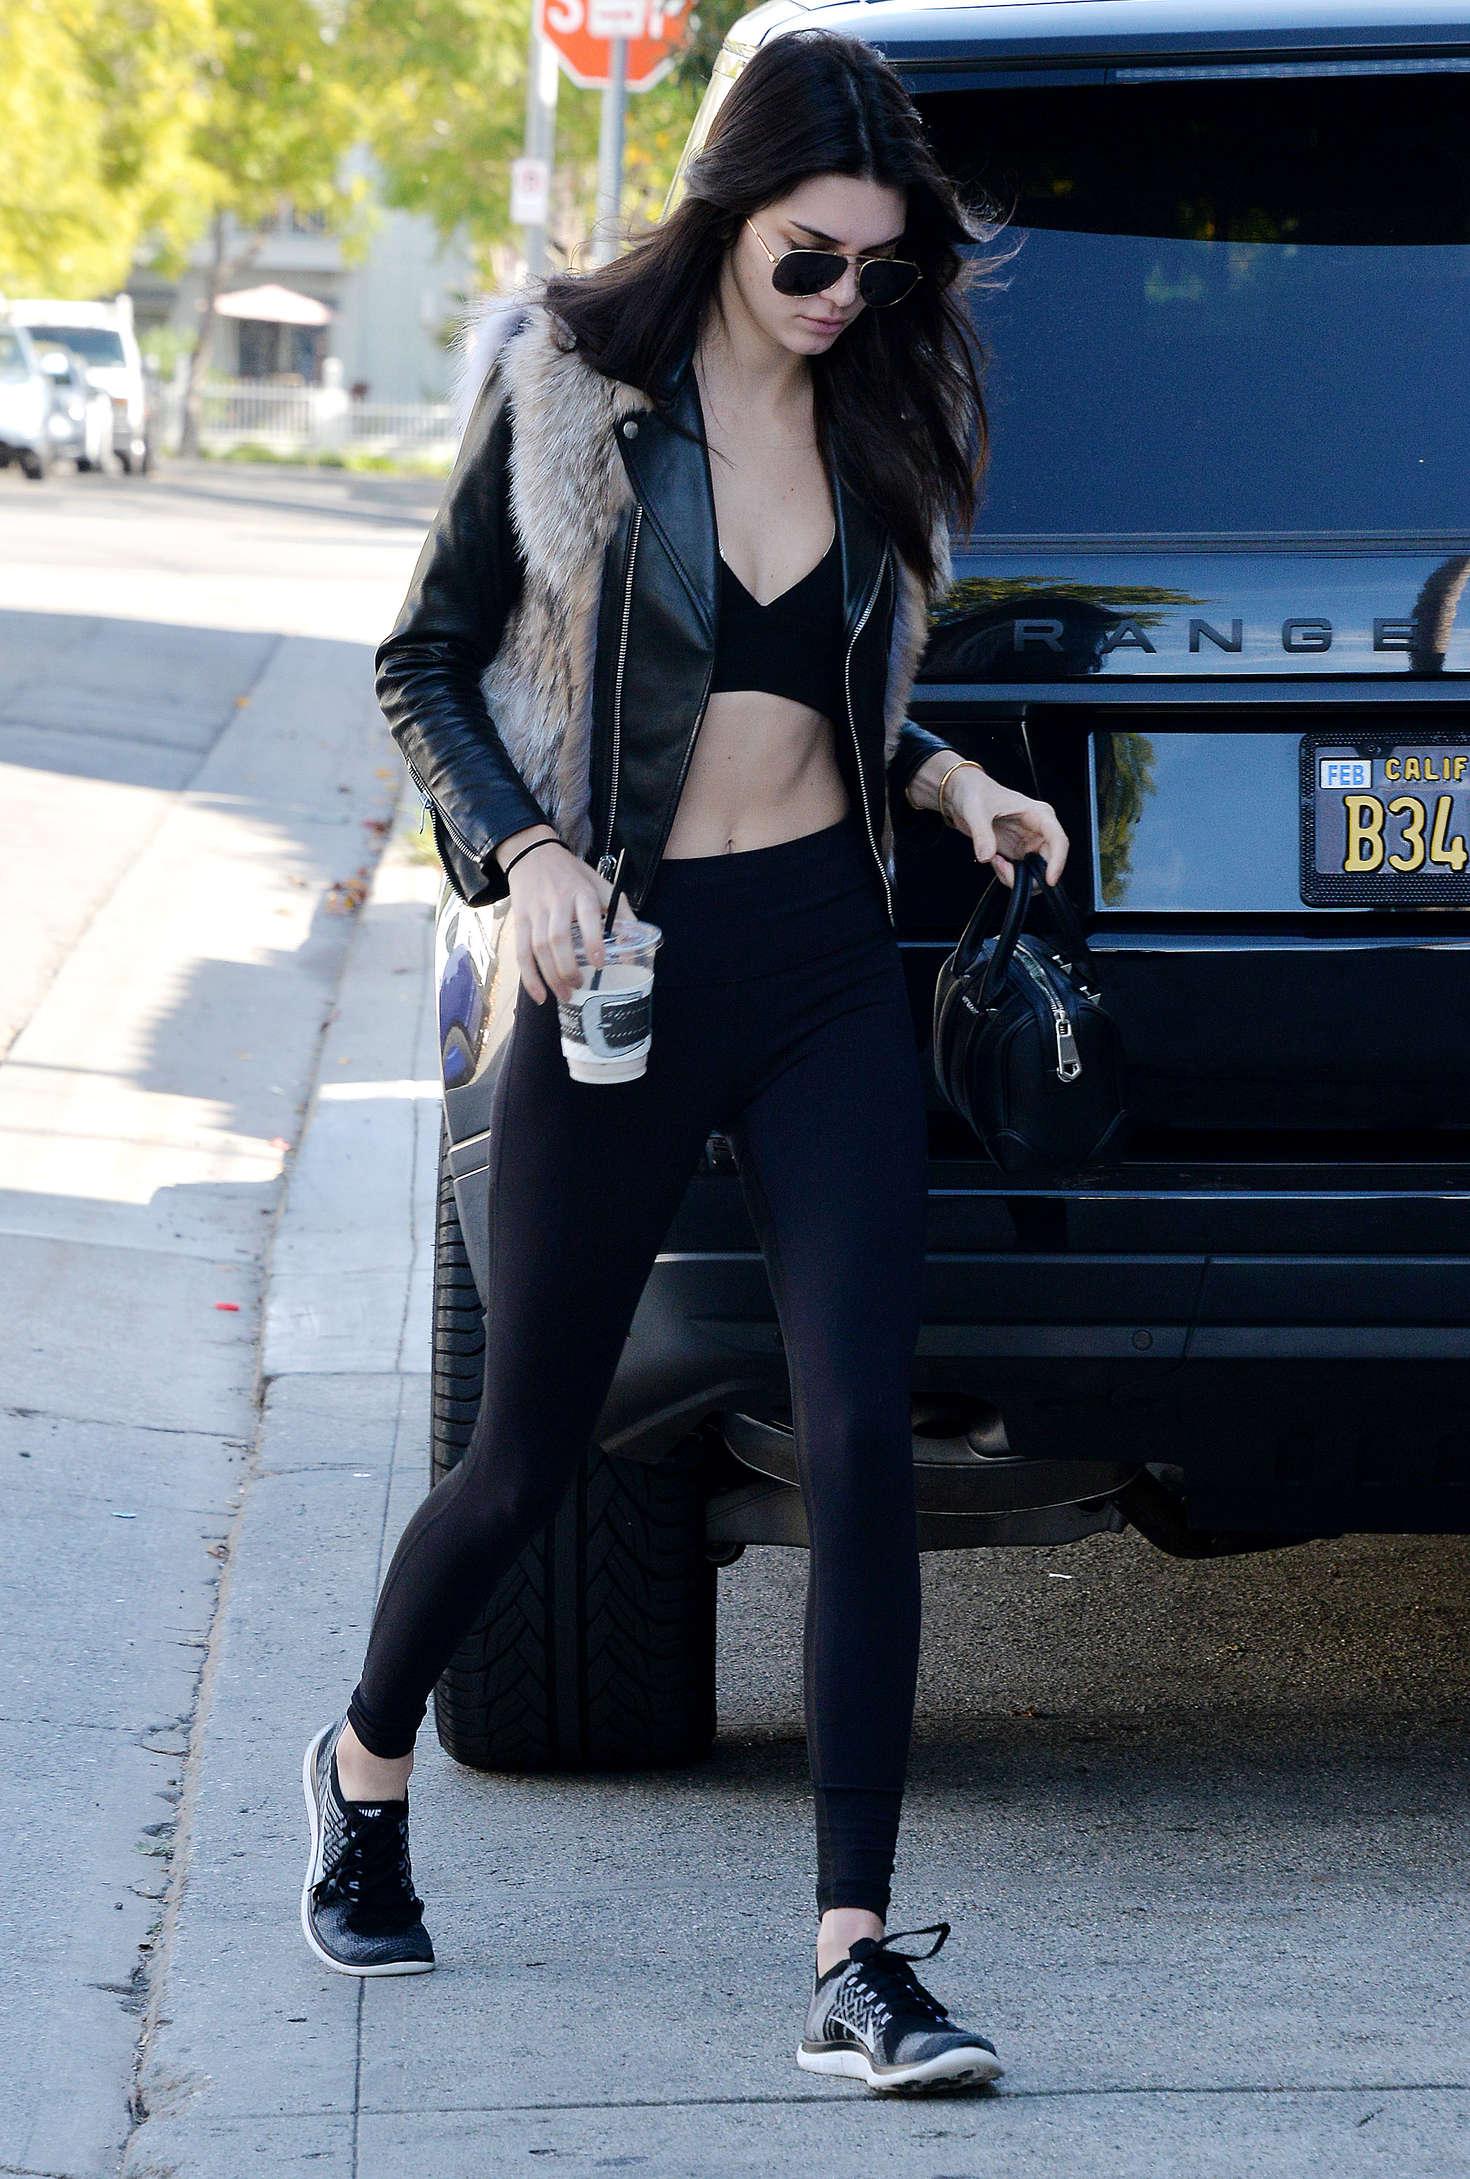 Kendall Jenner 2016 : Kendall Jenner in Leggings -76